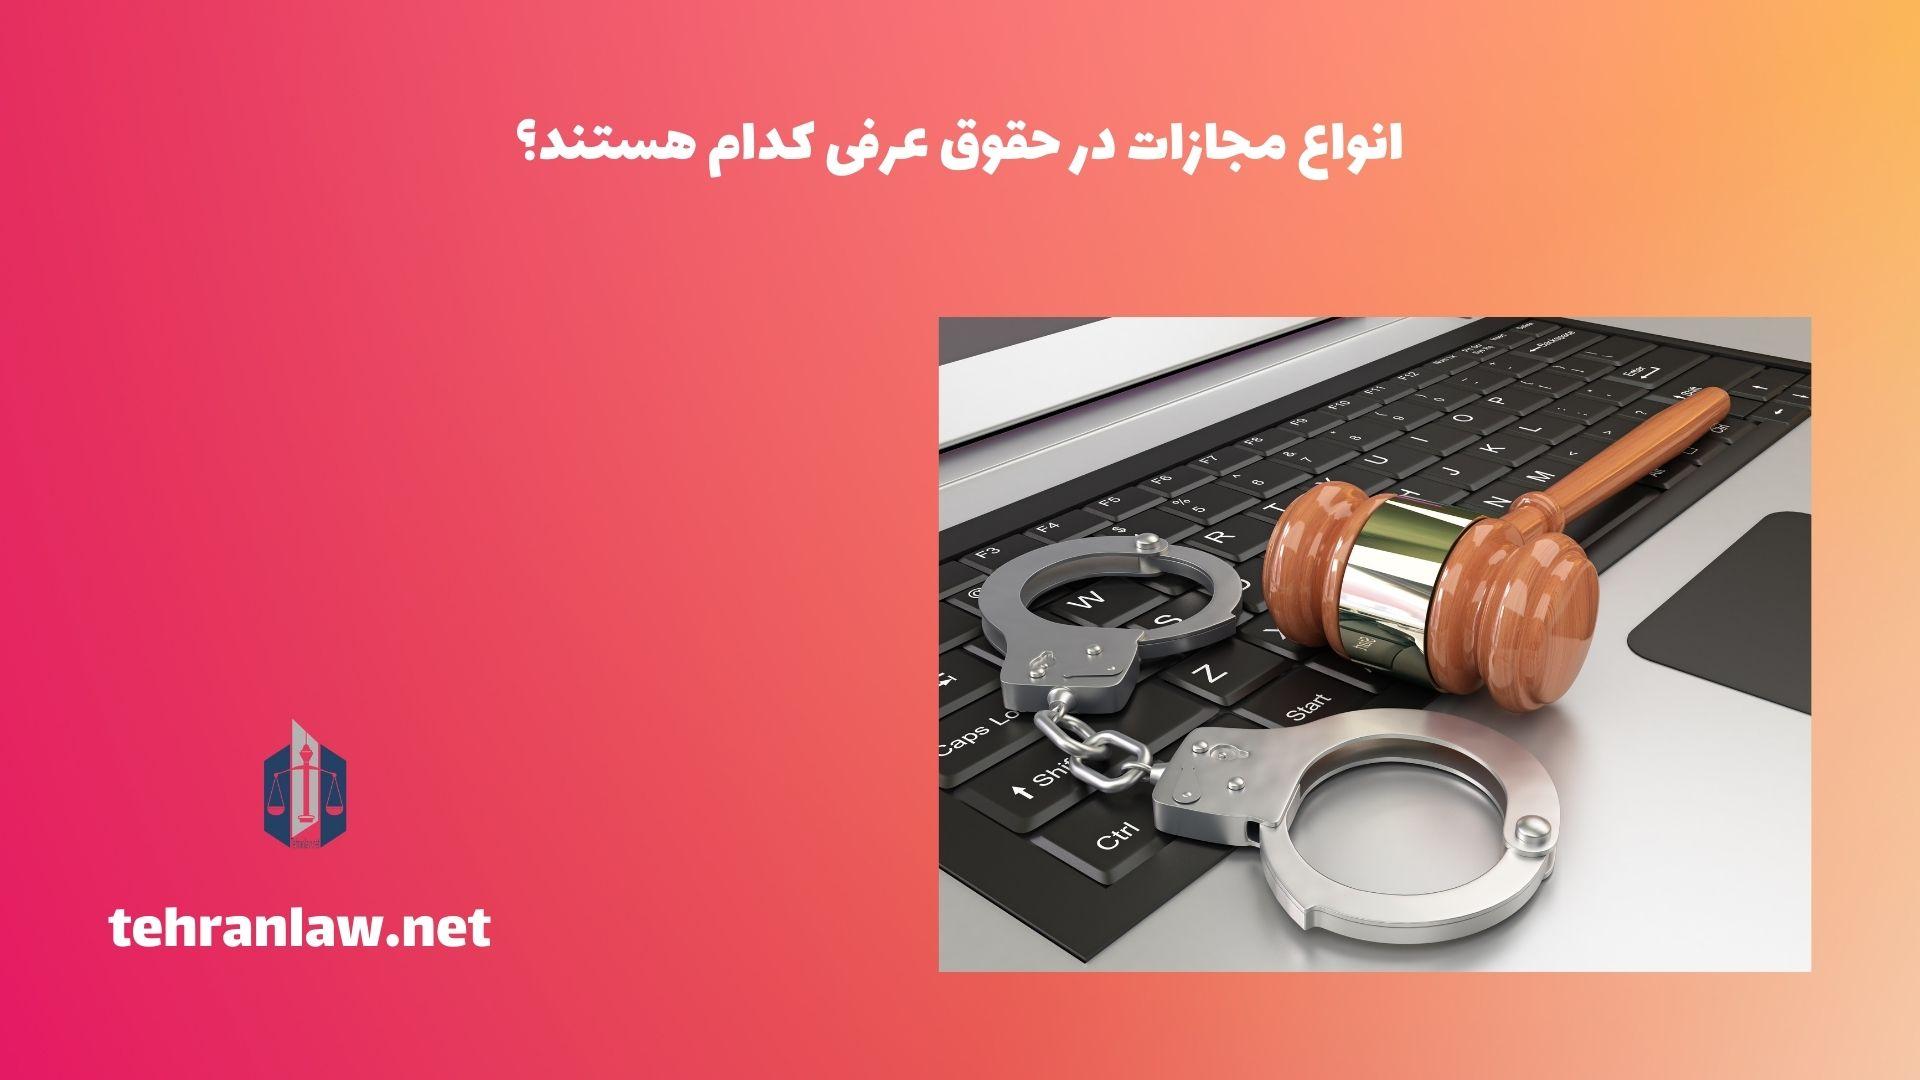 انواع مجازات در حقوق عرفی کدام هستند؟